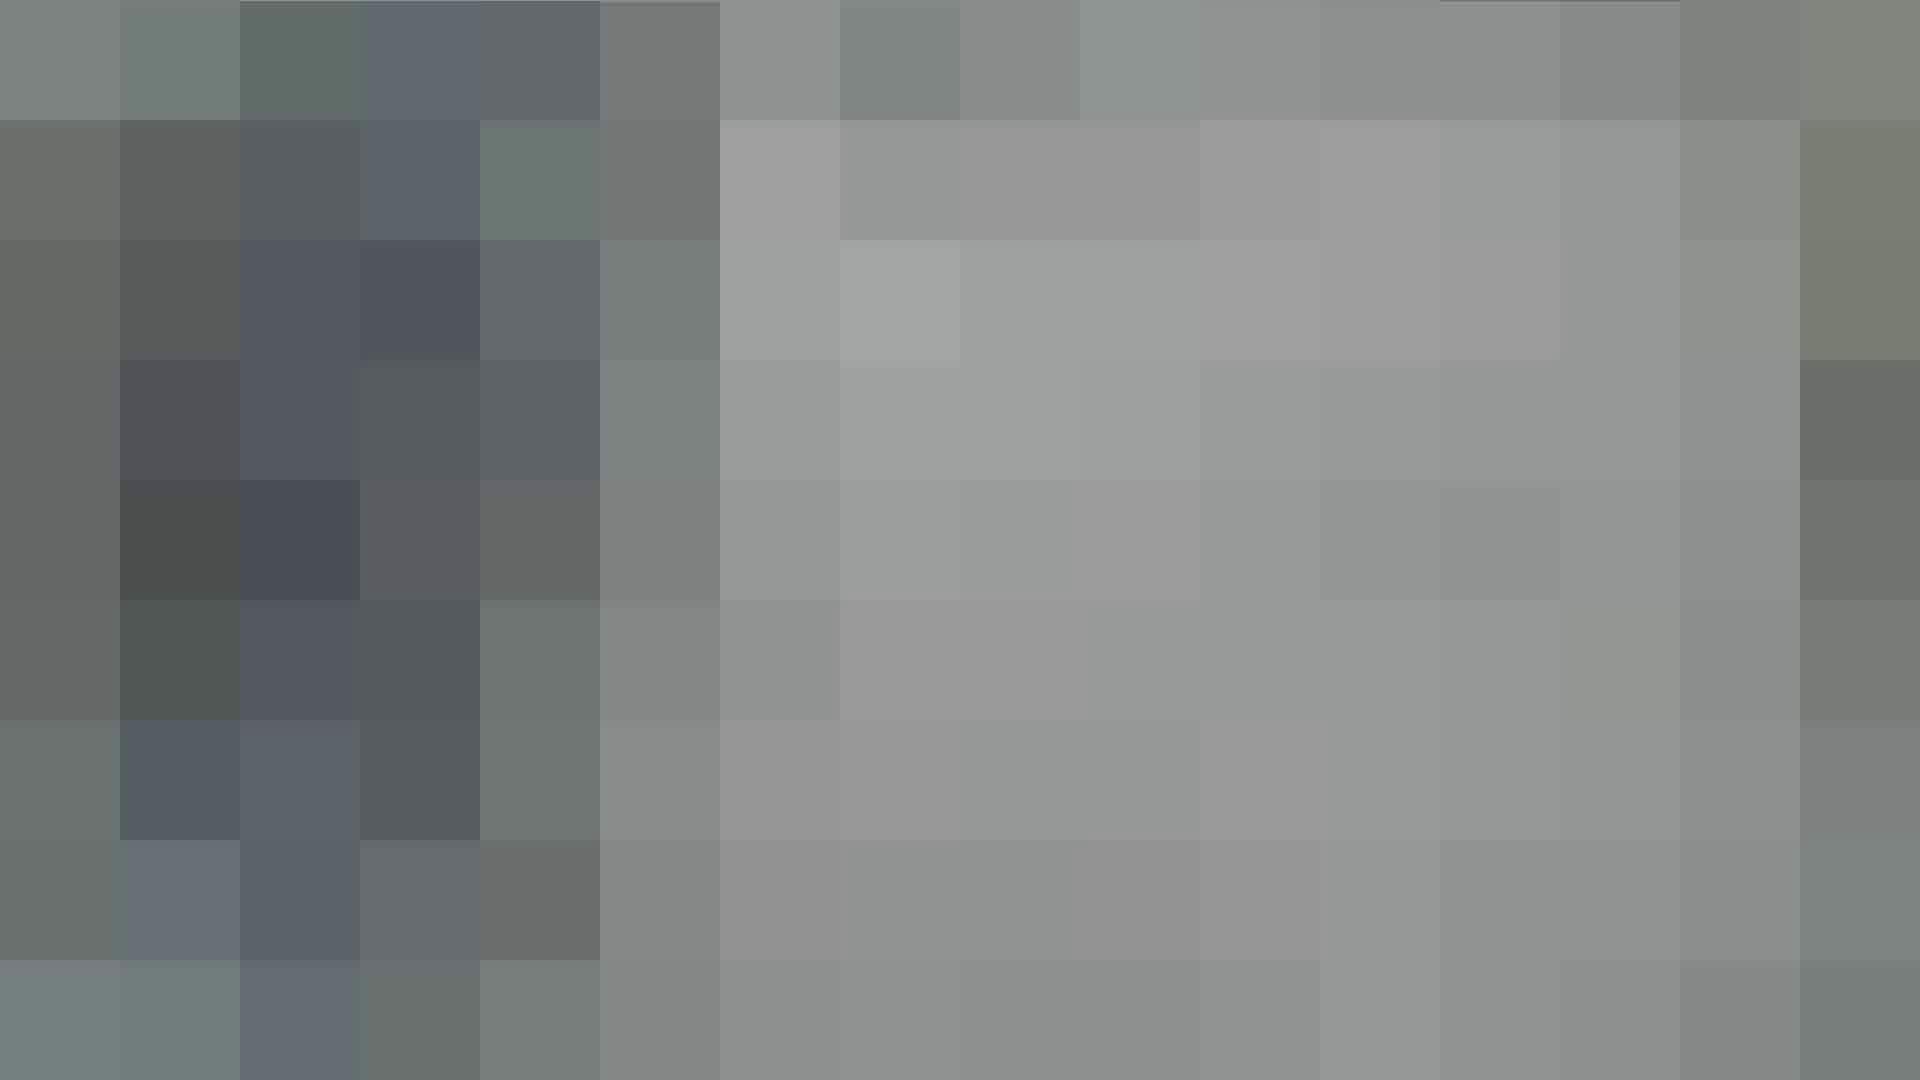 洗面所特攻隊 vol.026 お嬢さんかゆいの? 丸見え おめこ無修正動画無料 63画像 6